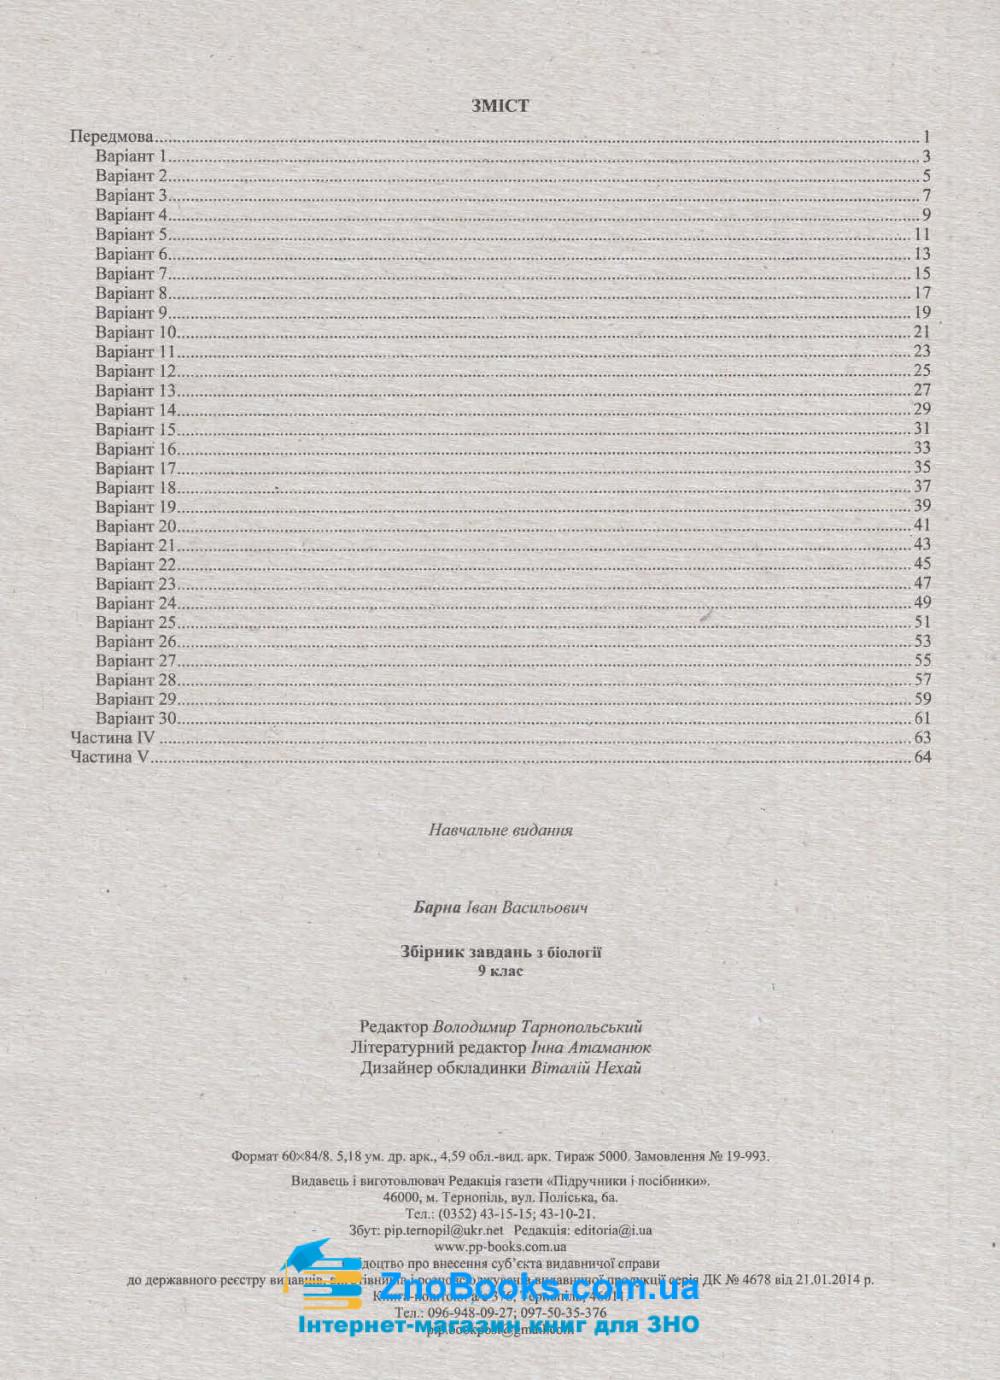 Збірник завдань з біології ДПА 2021 9 клас : Барна І. Тернопіль. Купити 8